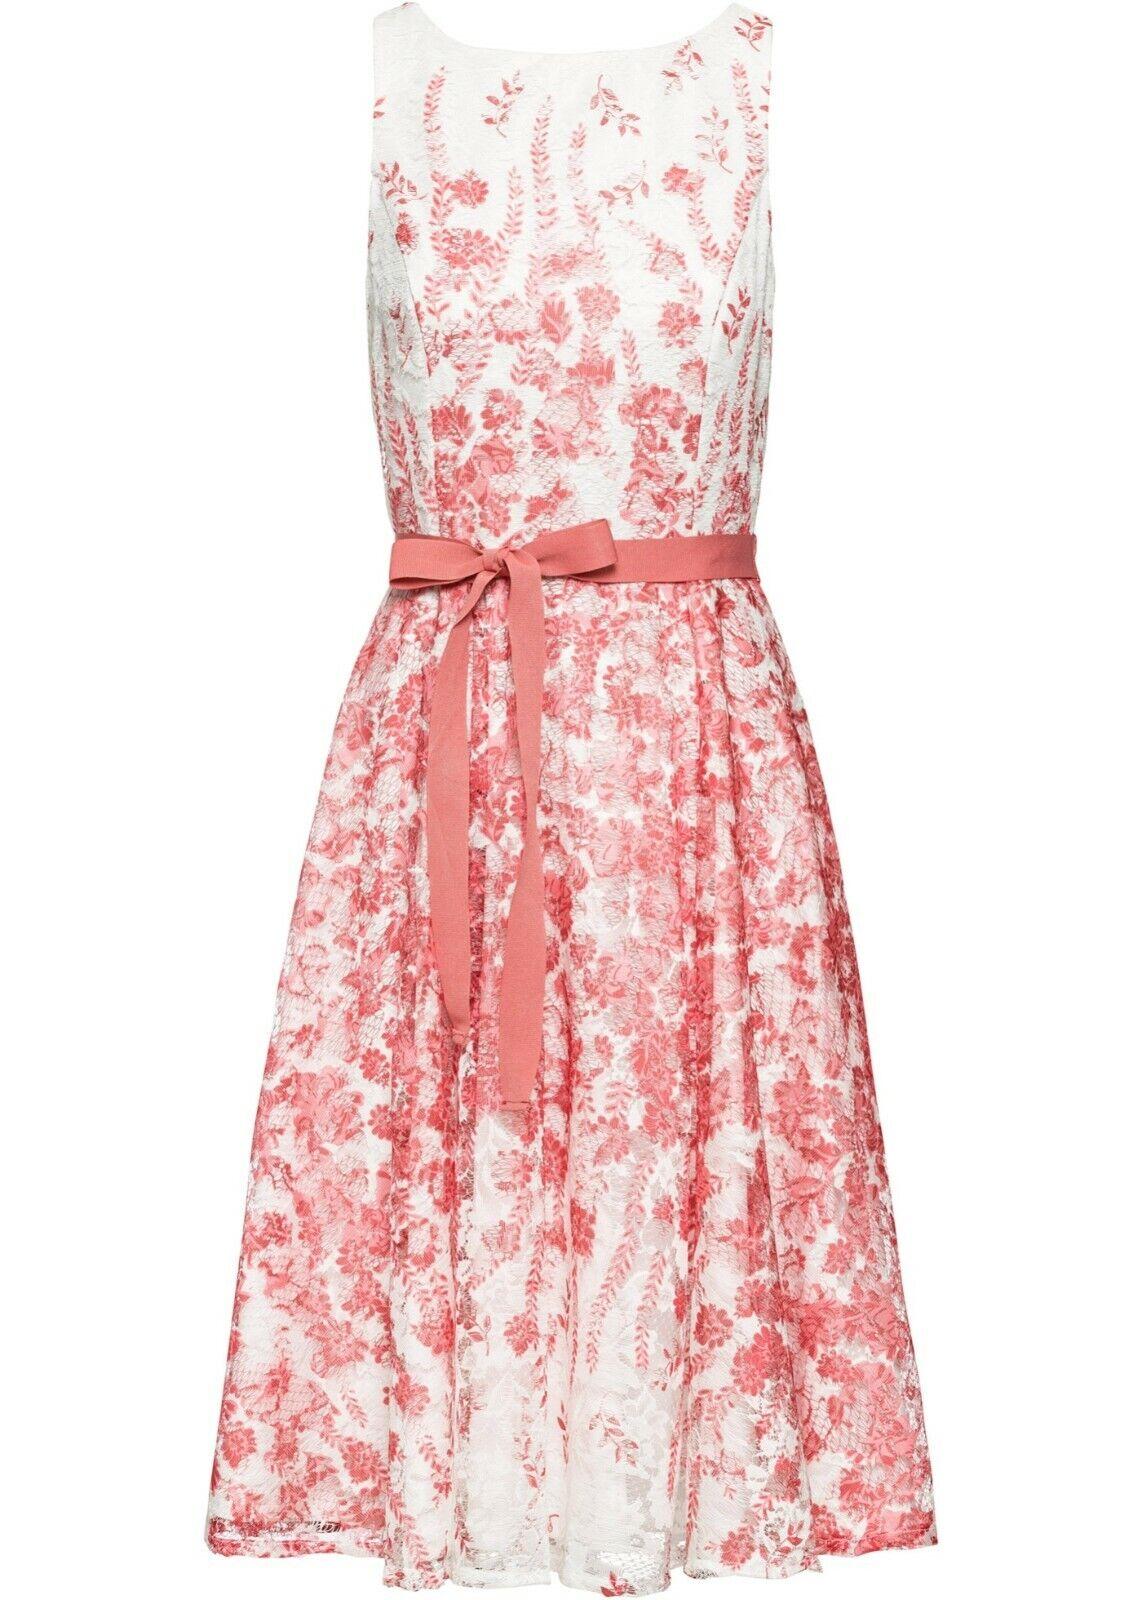 Damen Sommer Kleid weiß Blumen Spitze Midi 36 38 40 42 44 46 48 50 neu 069